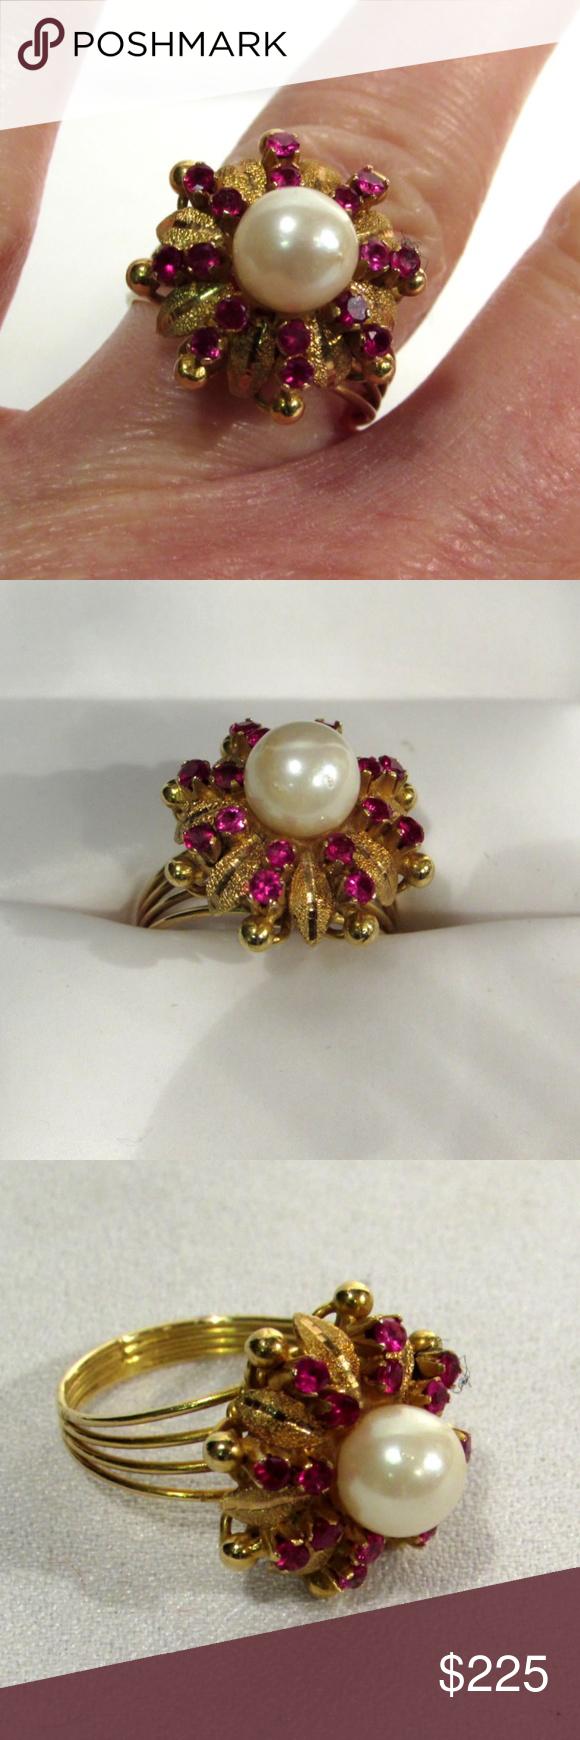 Las 18k Yg 16 Rubies Cultured Pearl Ring